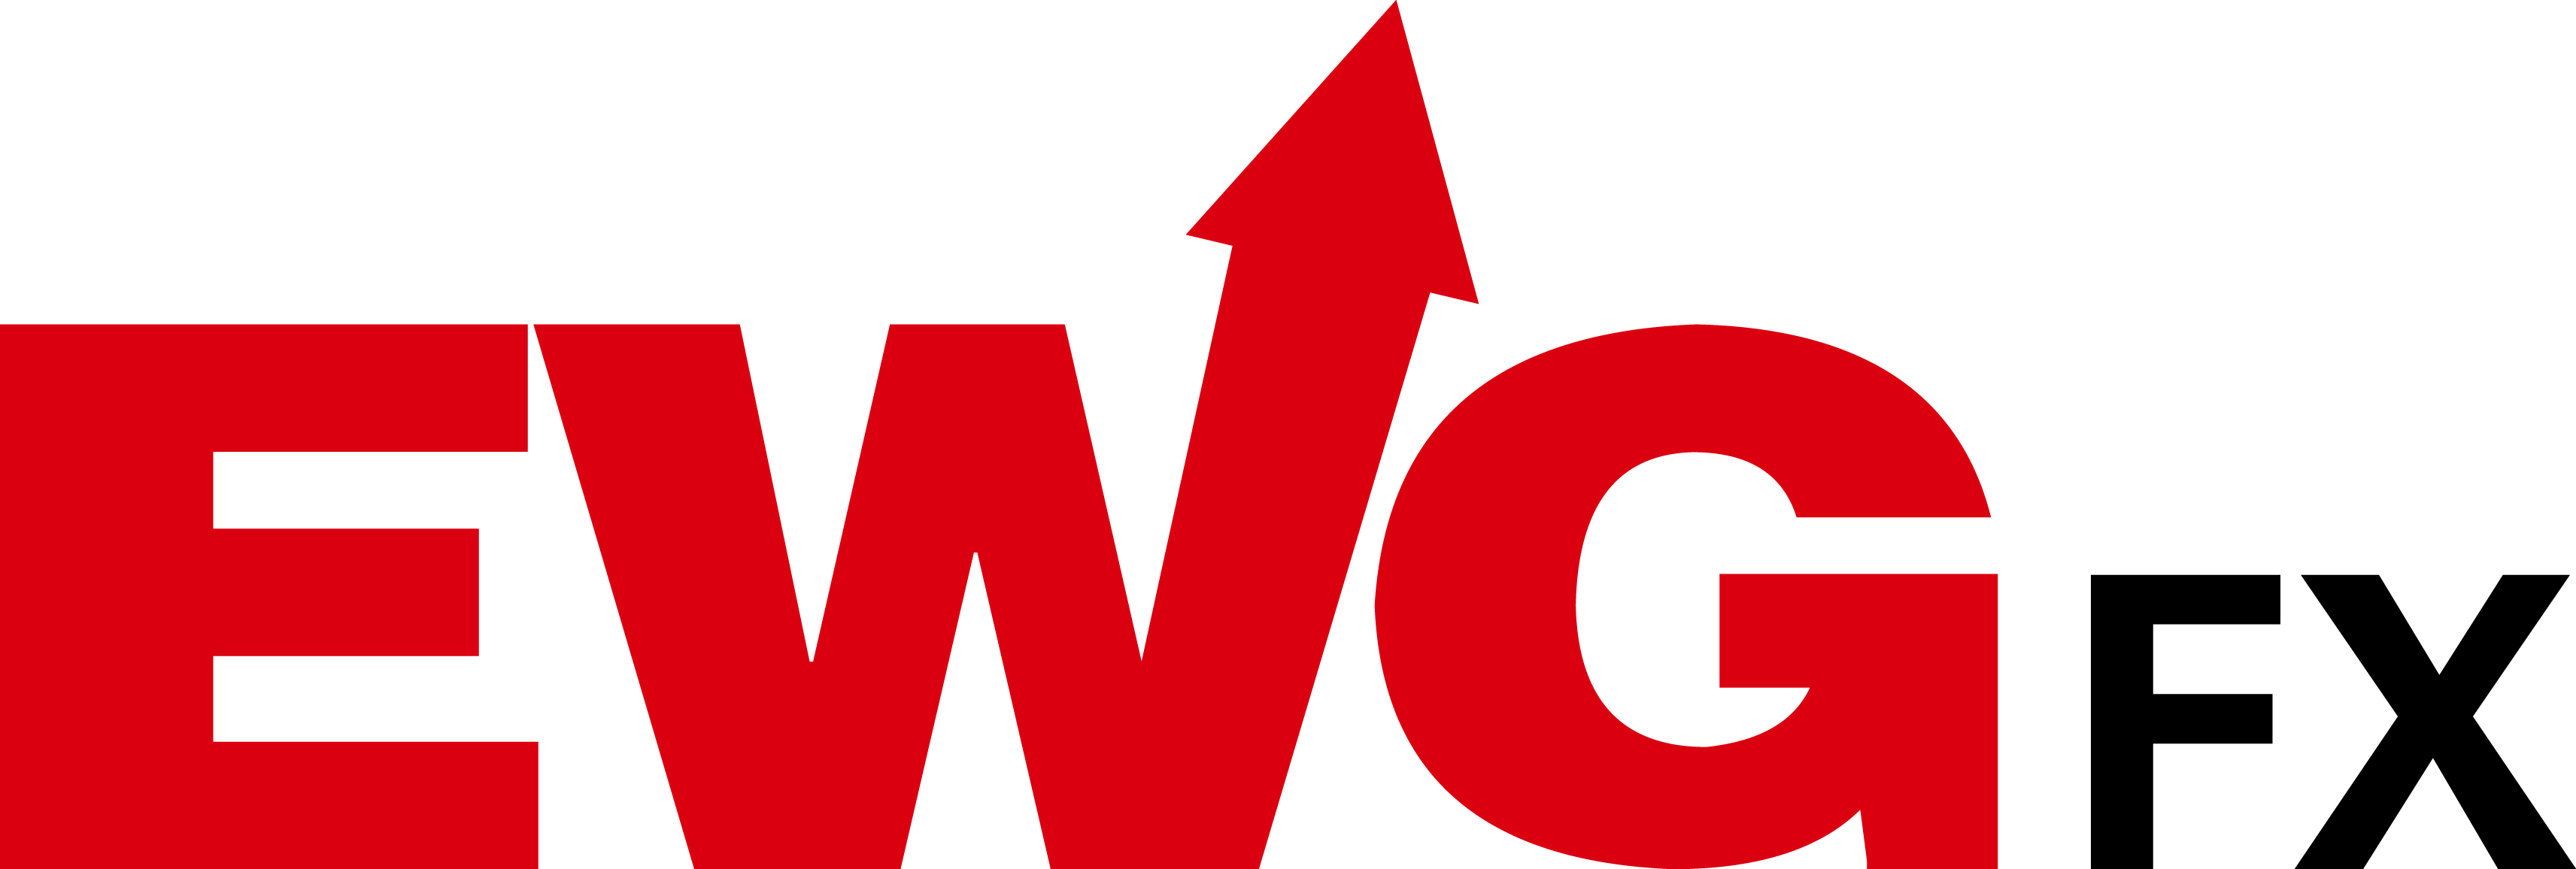 ewgfx.PNG